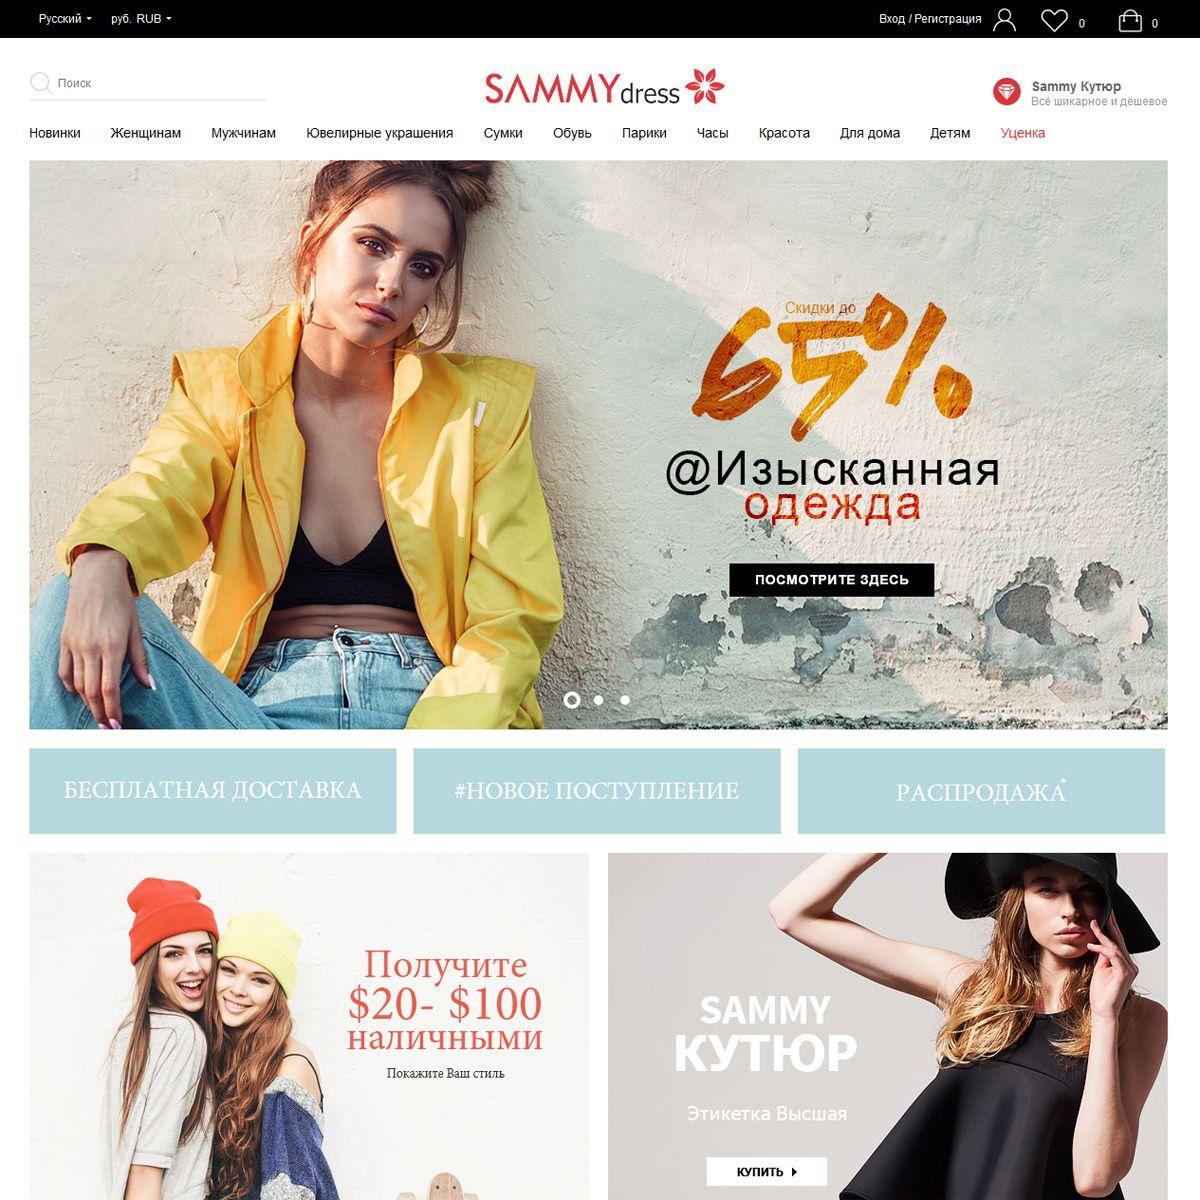 Sammydress.com - интернет-магазин модной одежды бесплатной доставкой в  Казахстан. Китайский сайт b3faa76f5c9